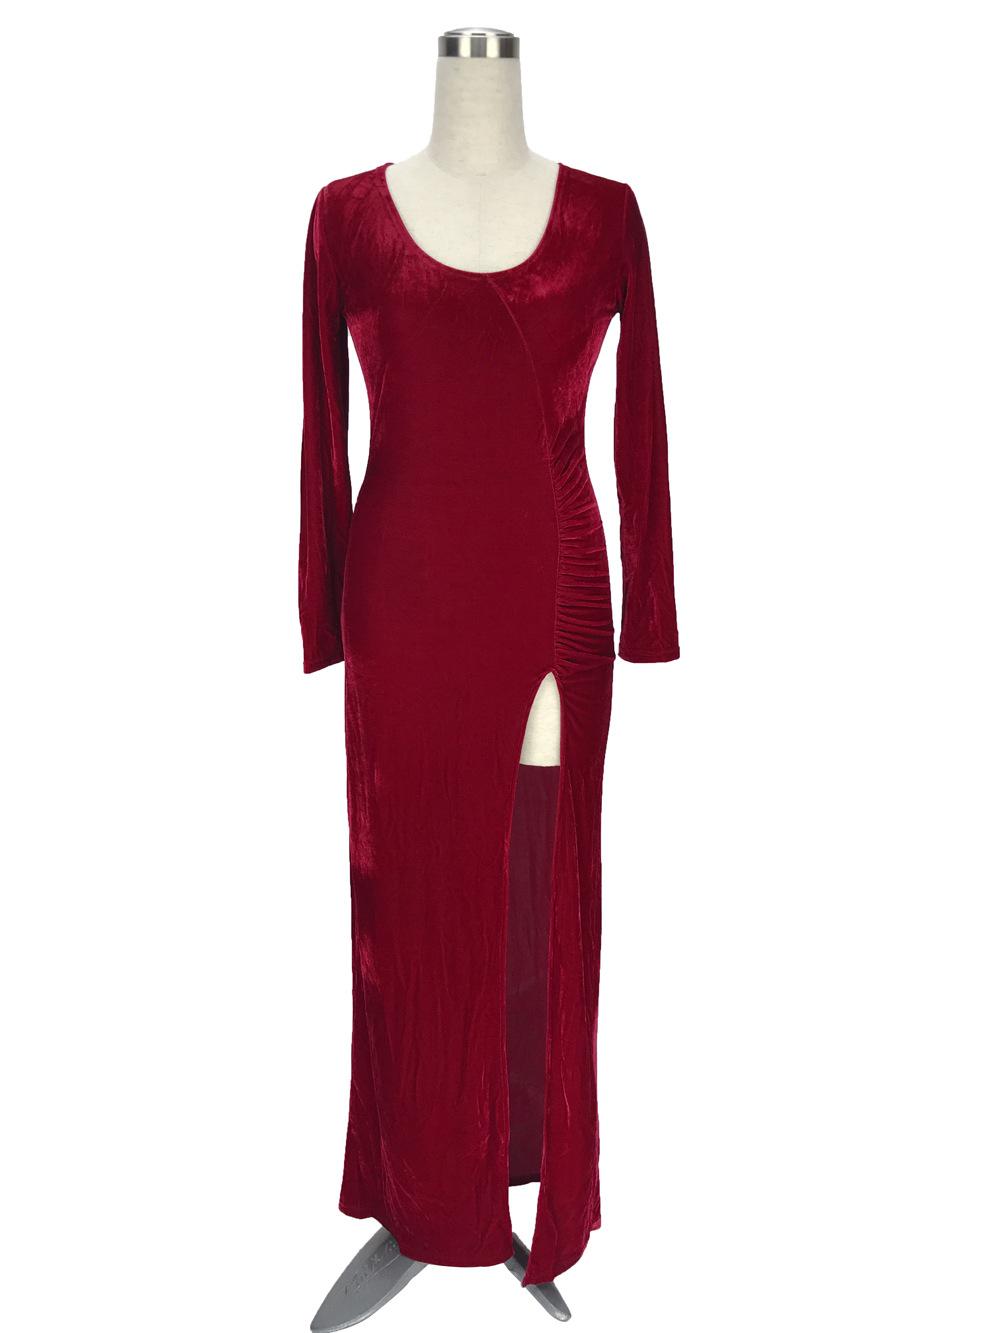 a7e654296a31 Vendita calda elegante reddito vestito di velluto blu split manica ...